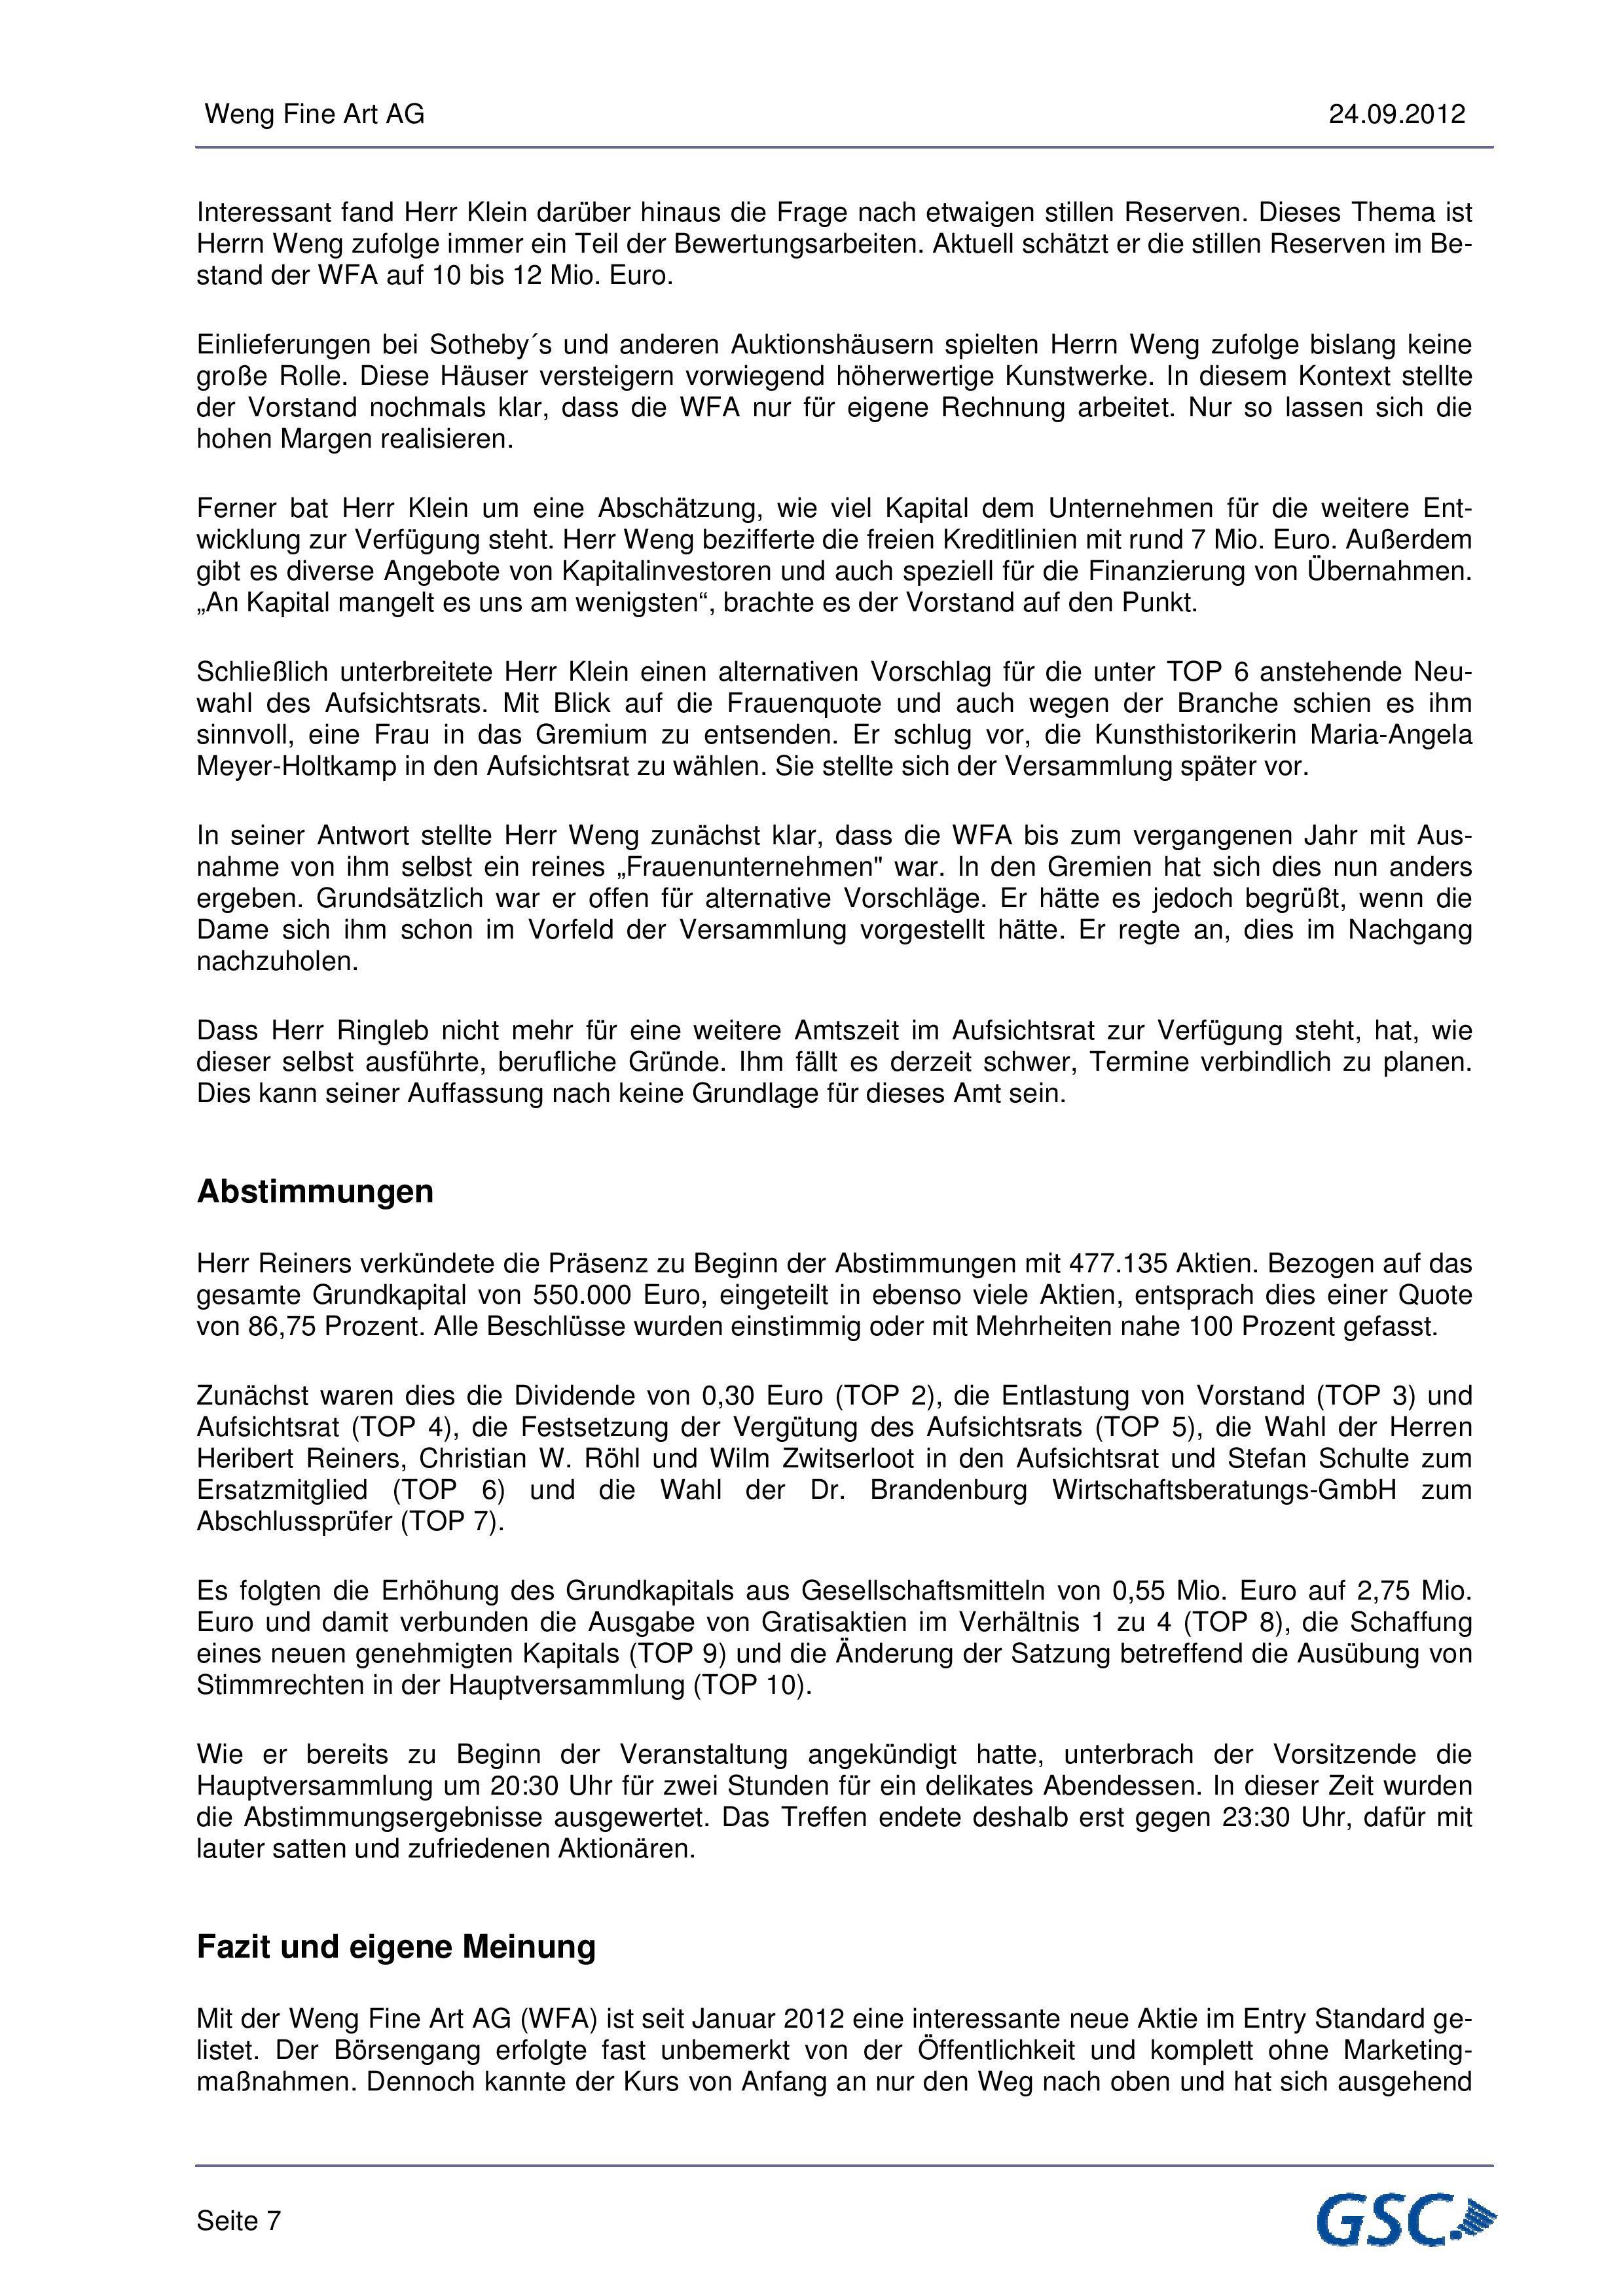 Weng_Fine_Art_AG_HV-Bericht_2012-09-24-page-007.jpg#asset:3531